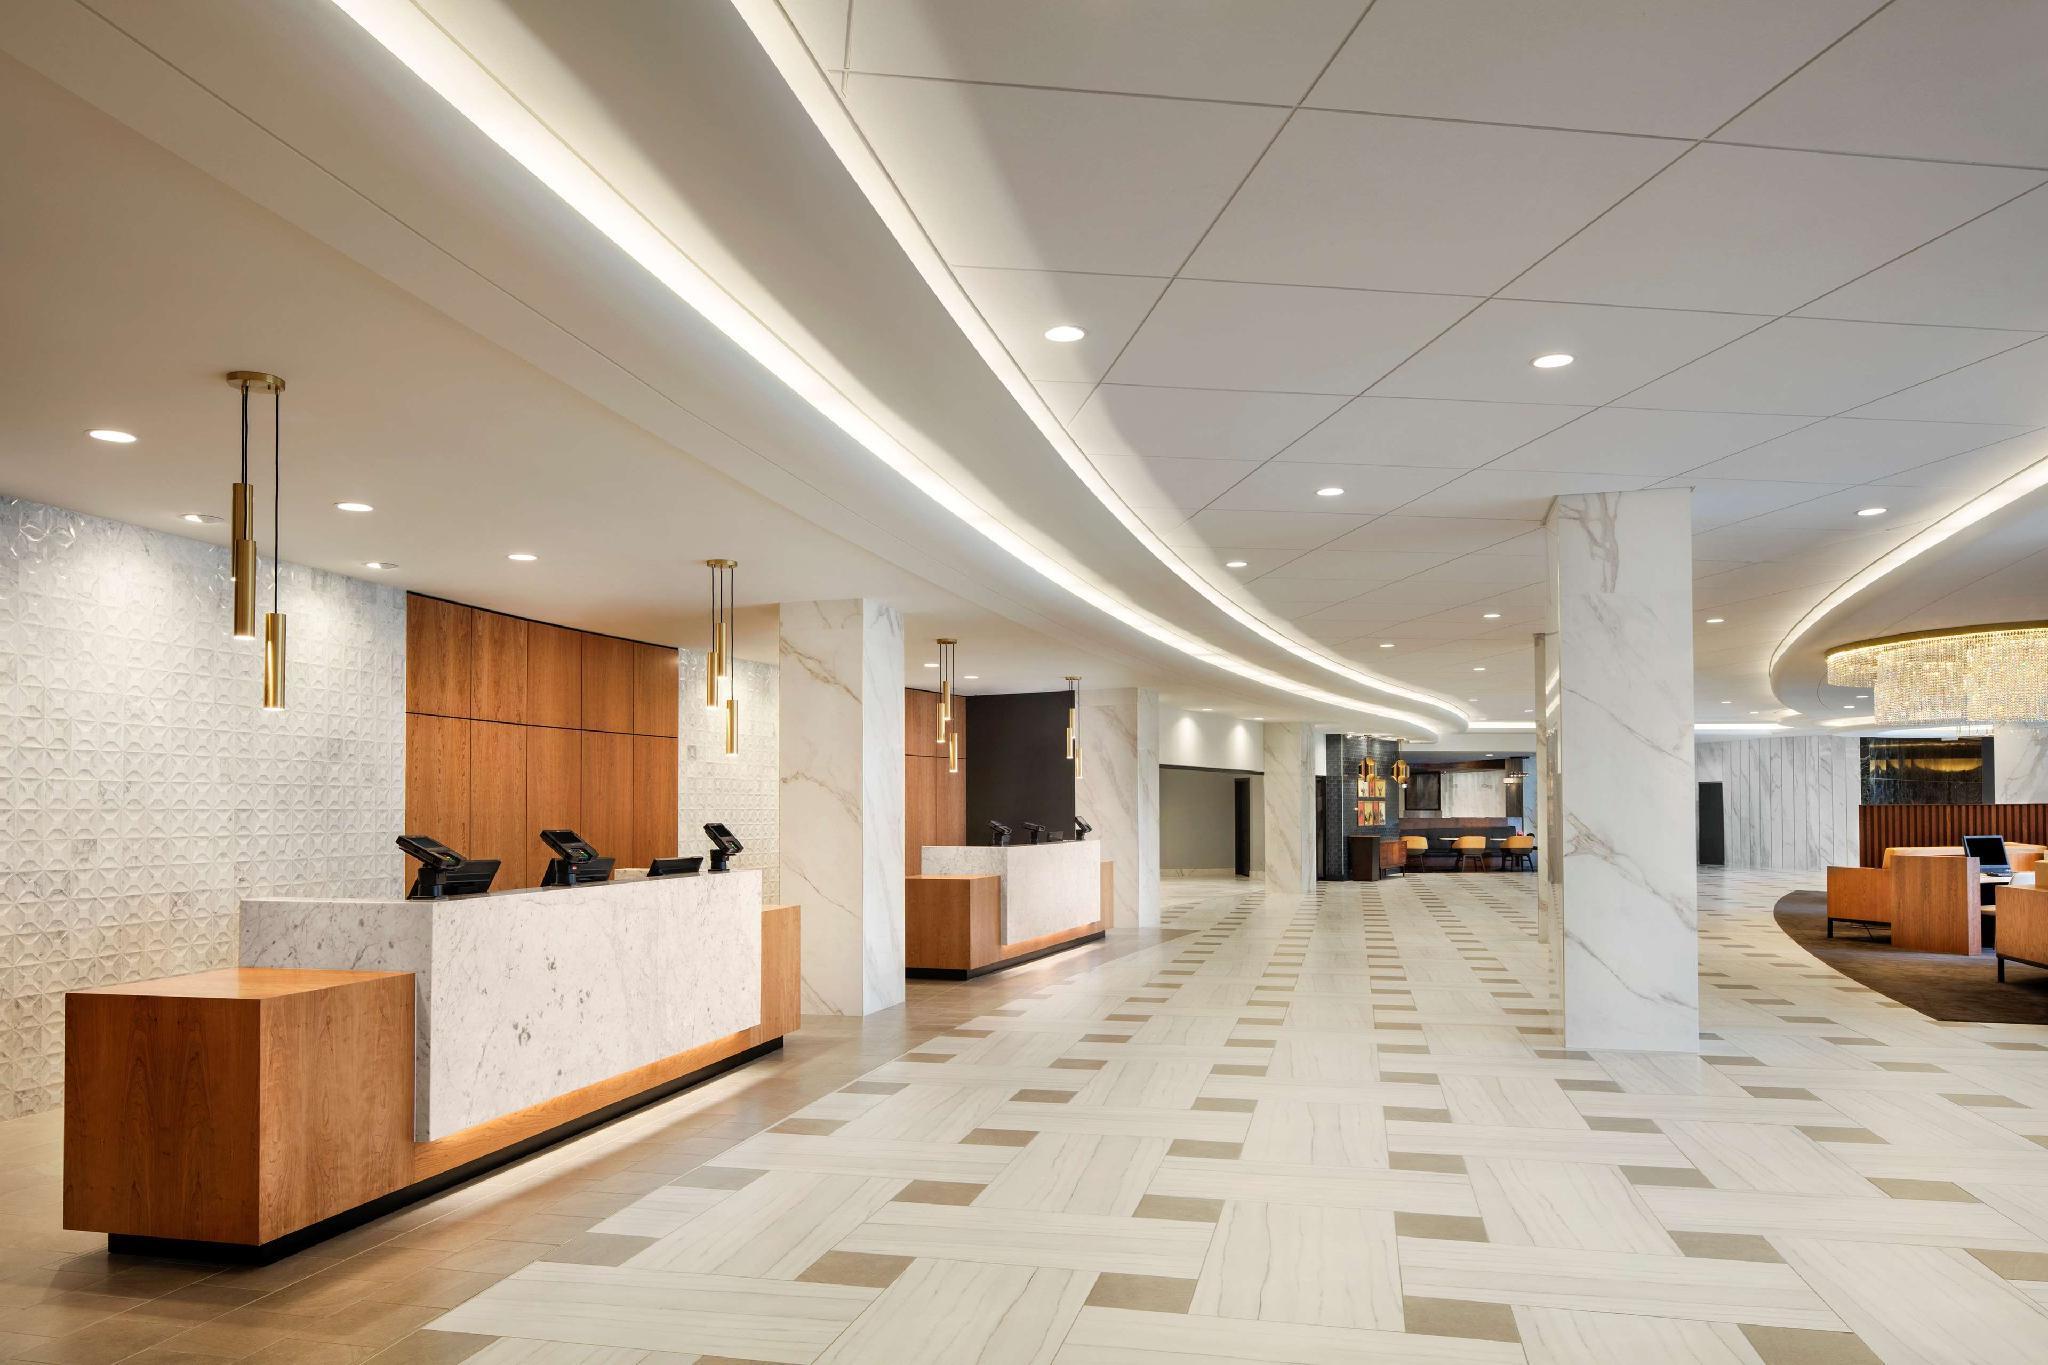 Washington Hilton Hotel image